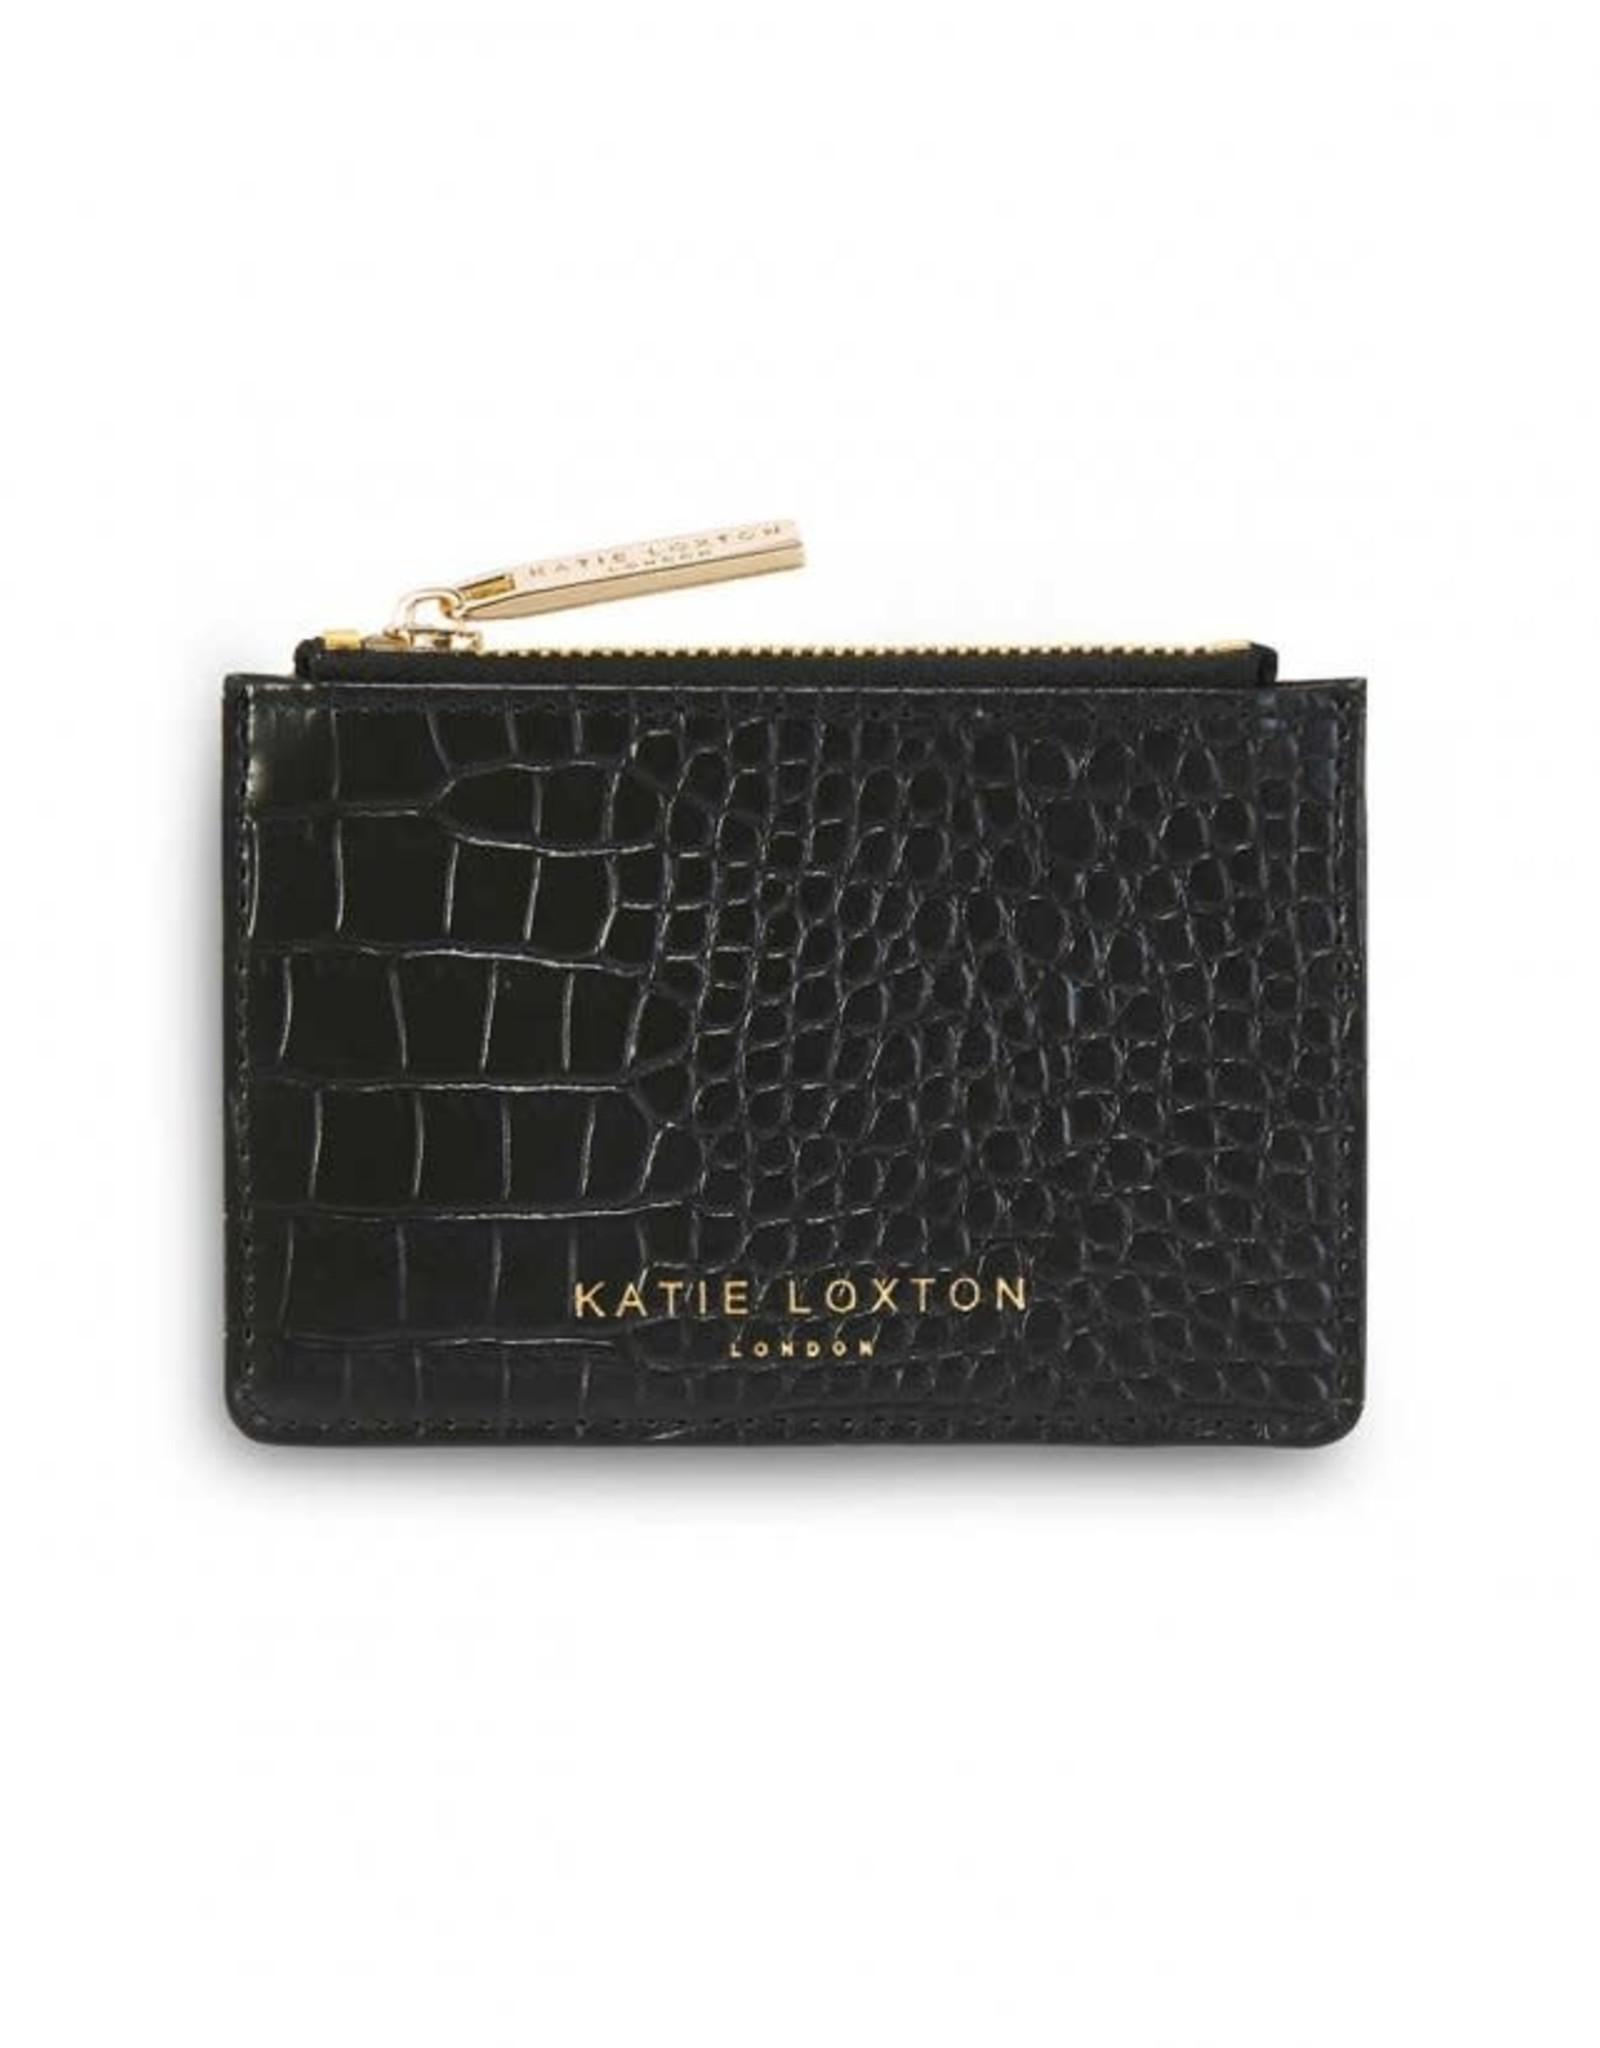 Katie Loxton Celine Croc Cardholder Black